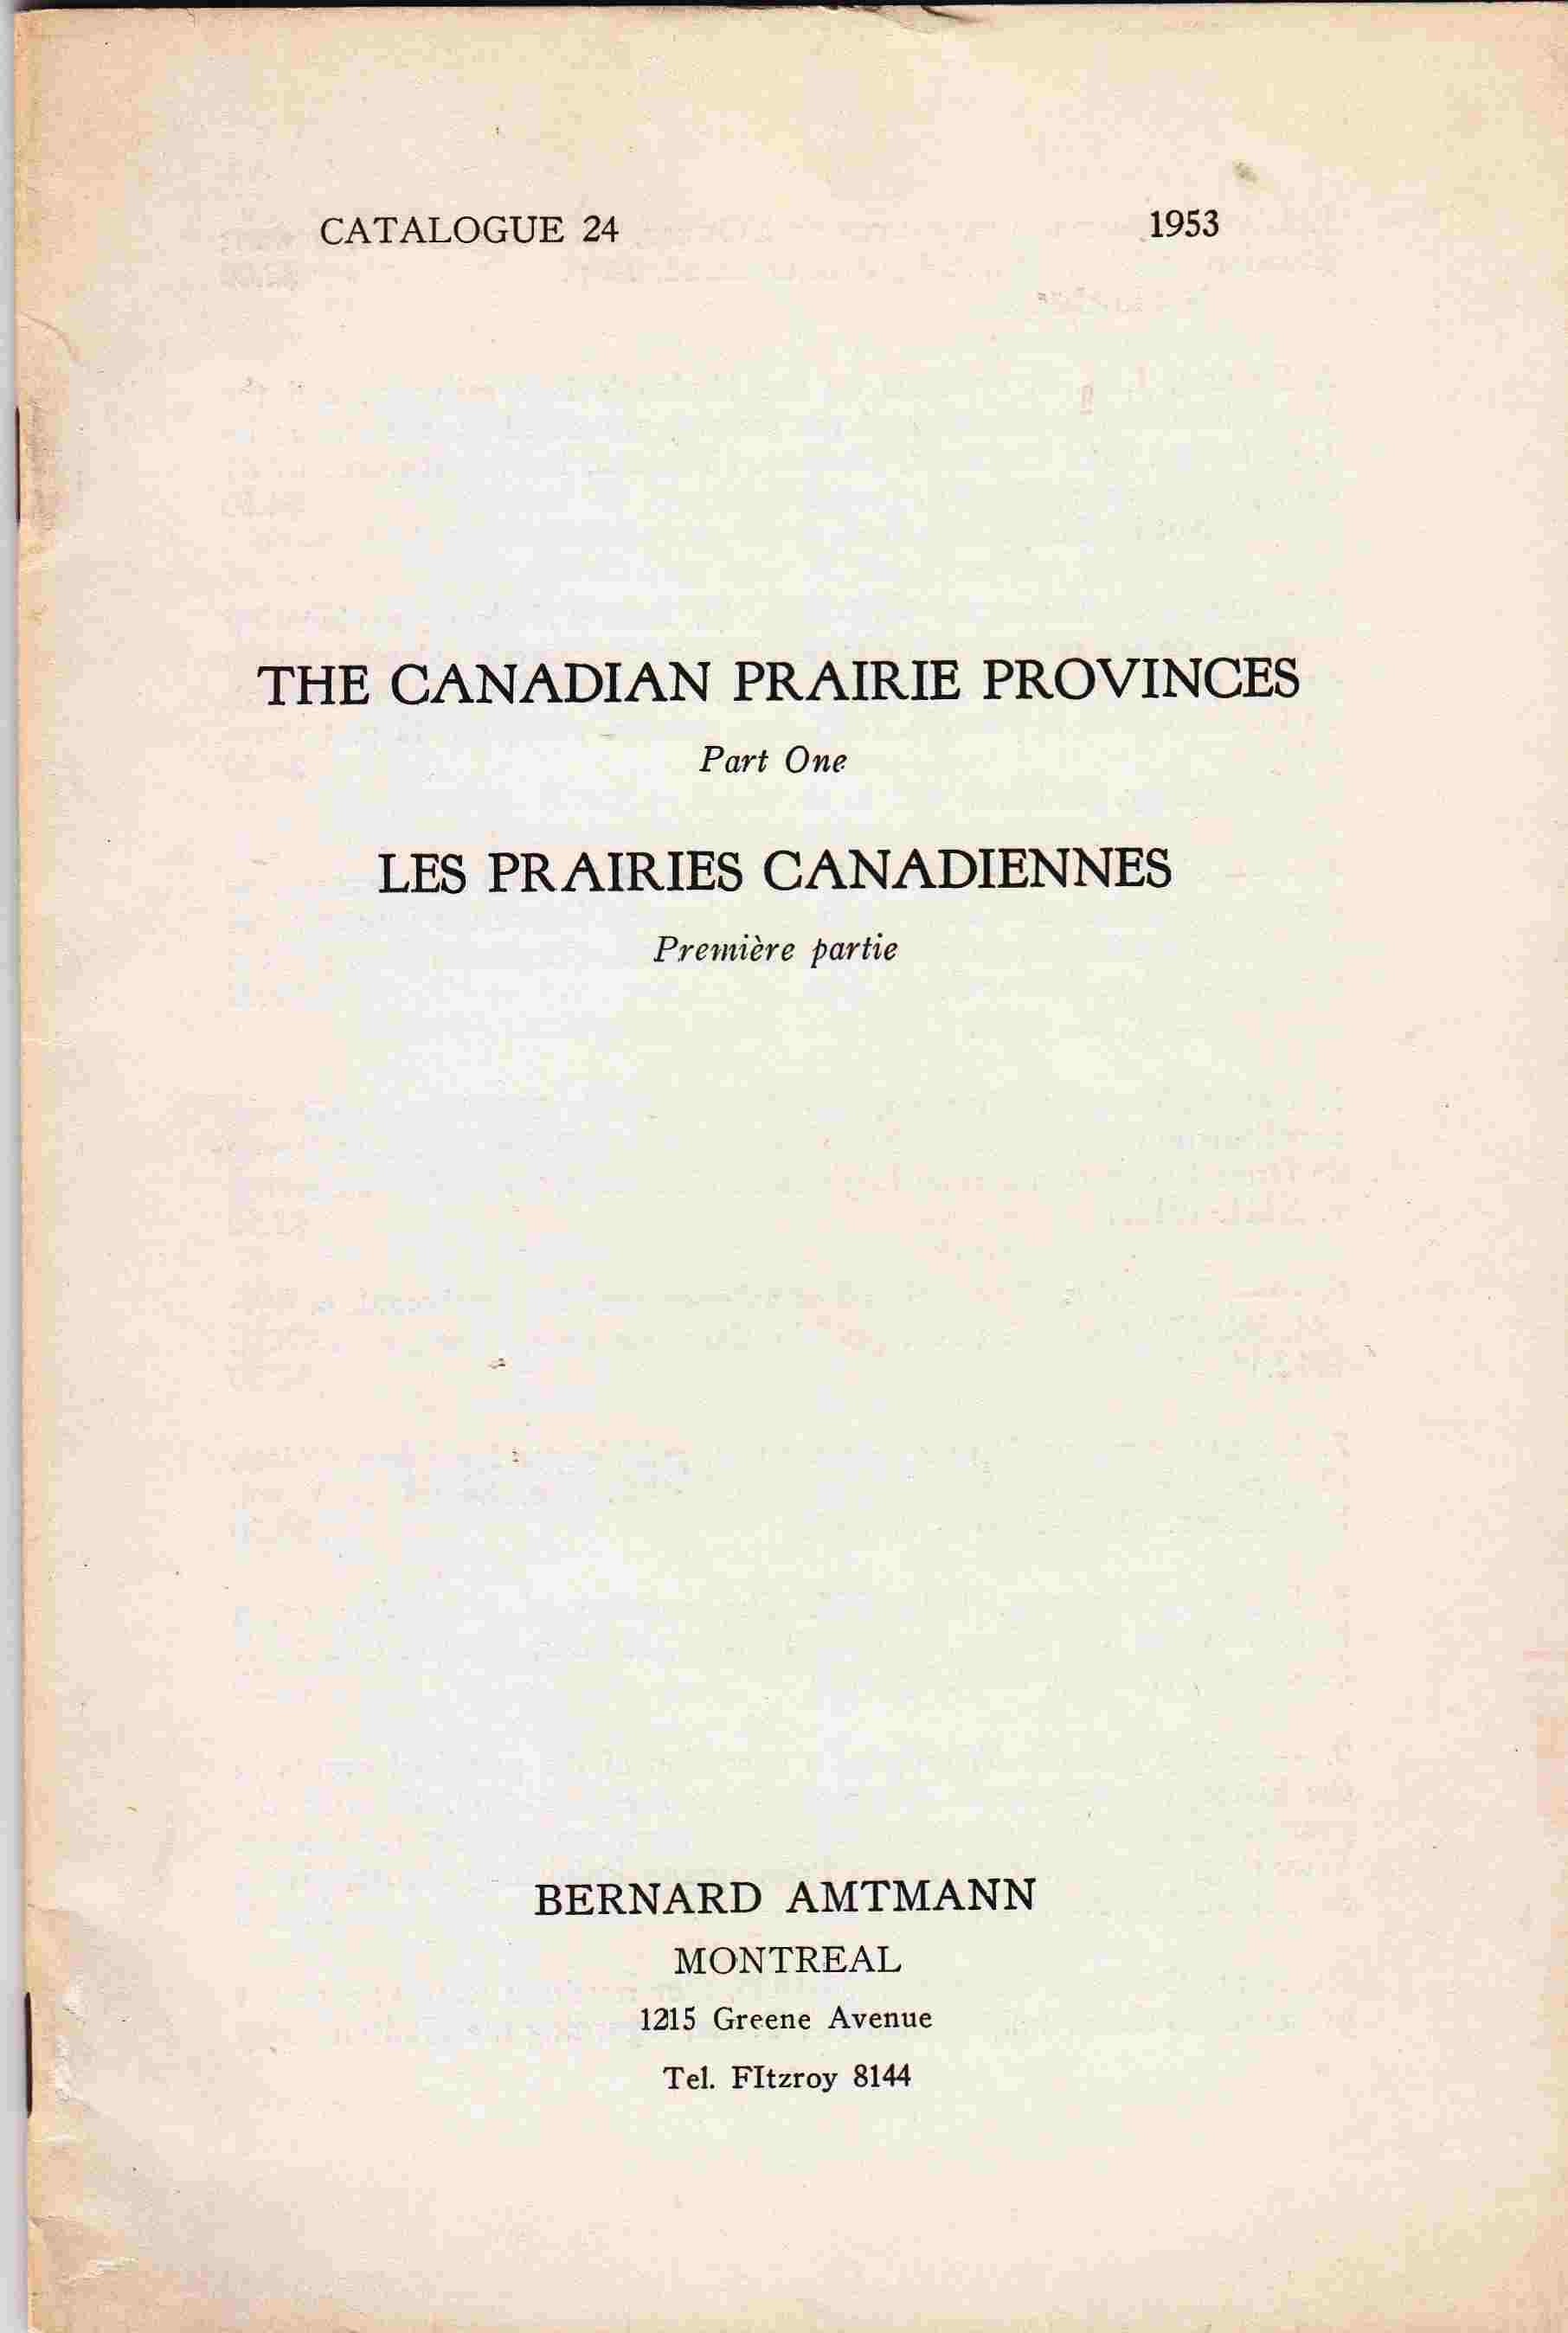 Image for The Canadian Prairie Provinces, Part One; Les Prairies Canadiennes, Premiere Partie. Catalogue 24